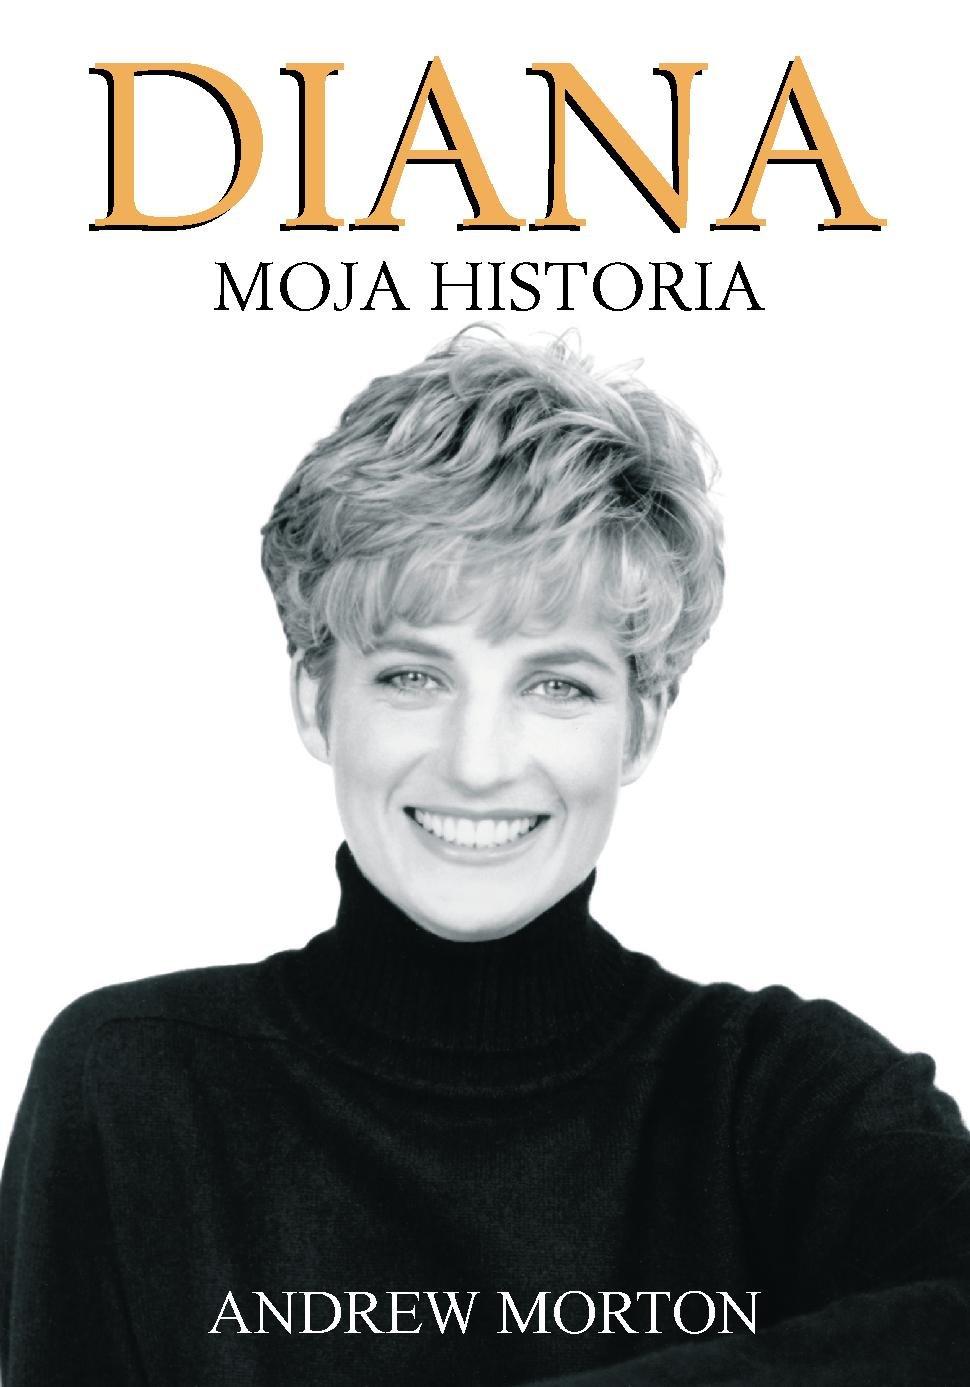 Diana – Moja Historia - Ebook (Książka EPUB) do pobrania w formacie EPUB